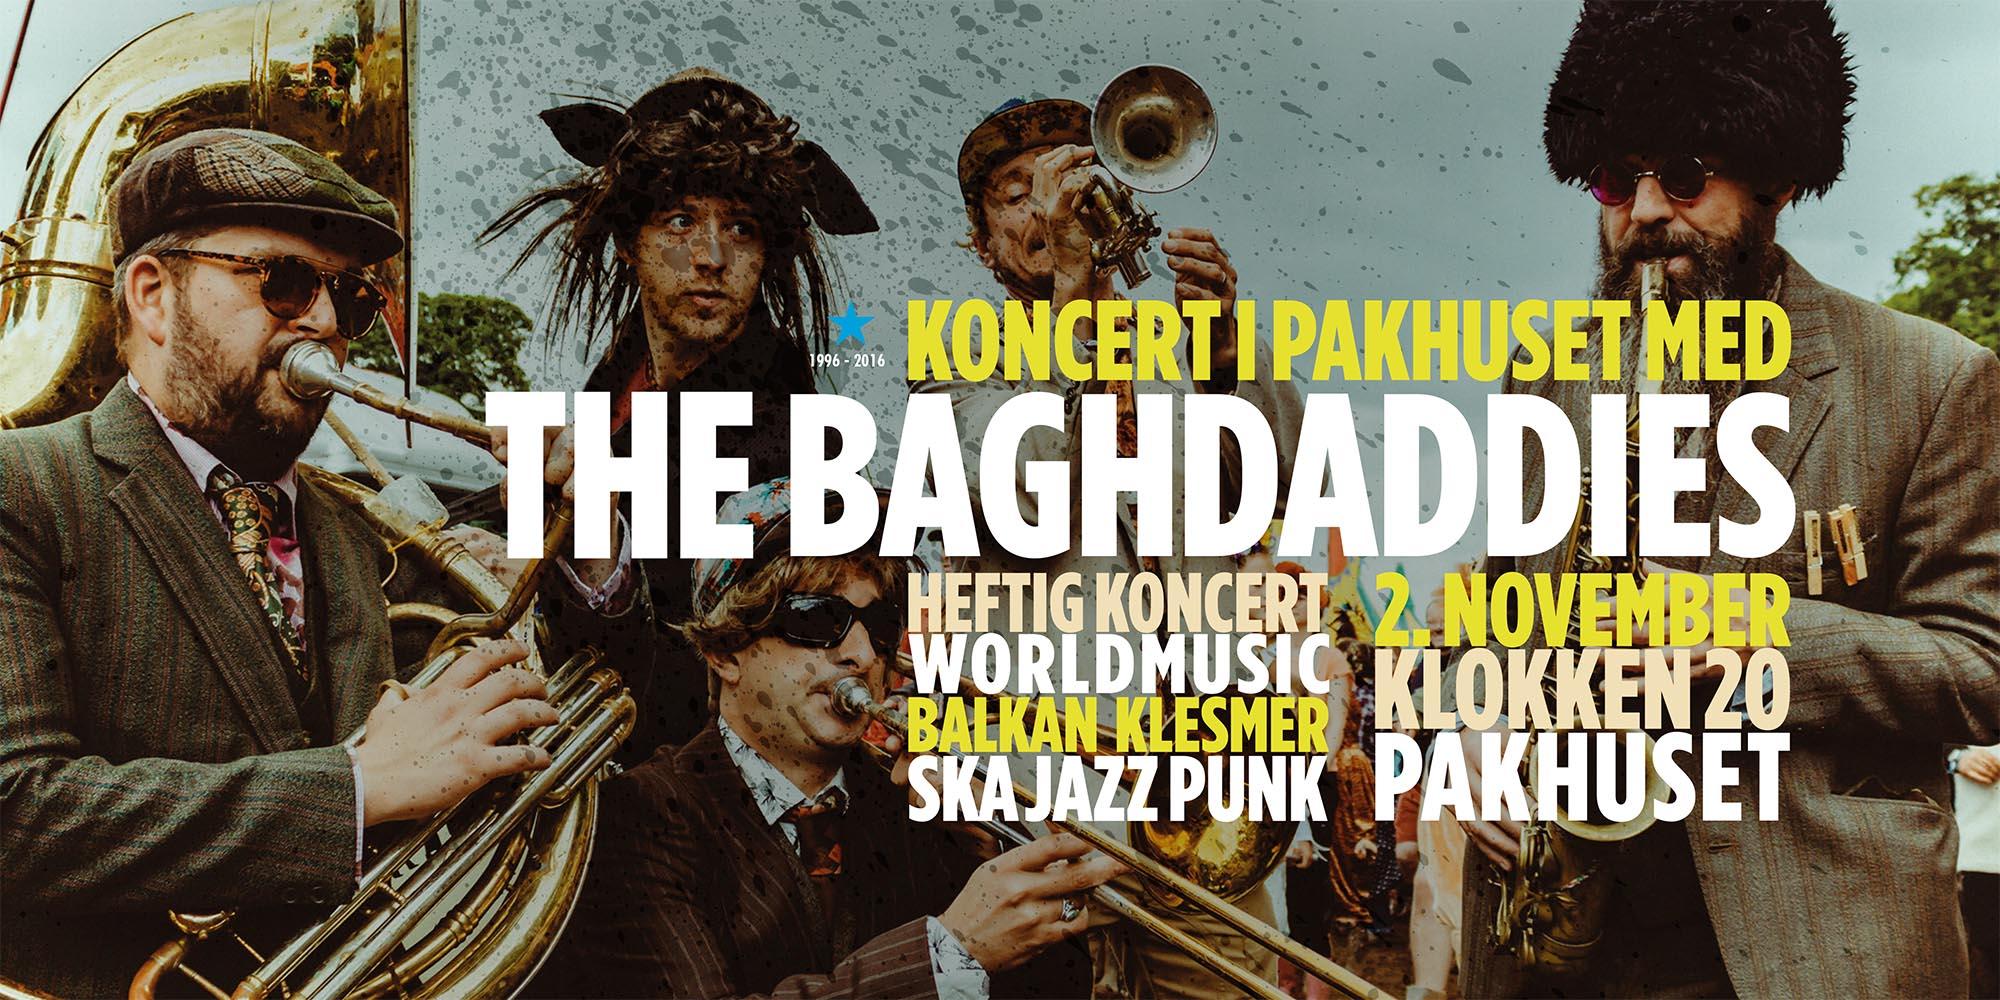 BAGHDADDIES NYHEDSMAIL 01.jpg